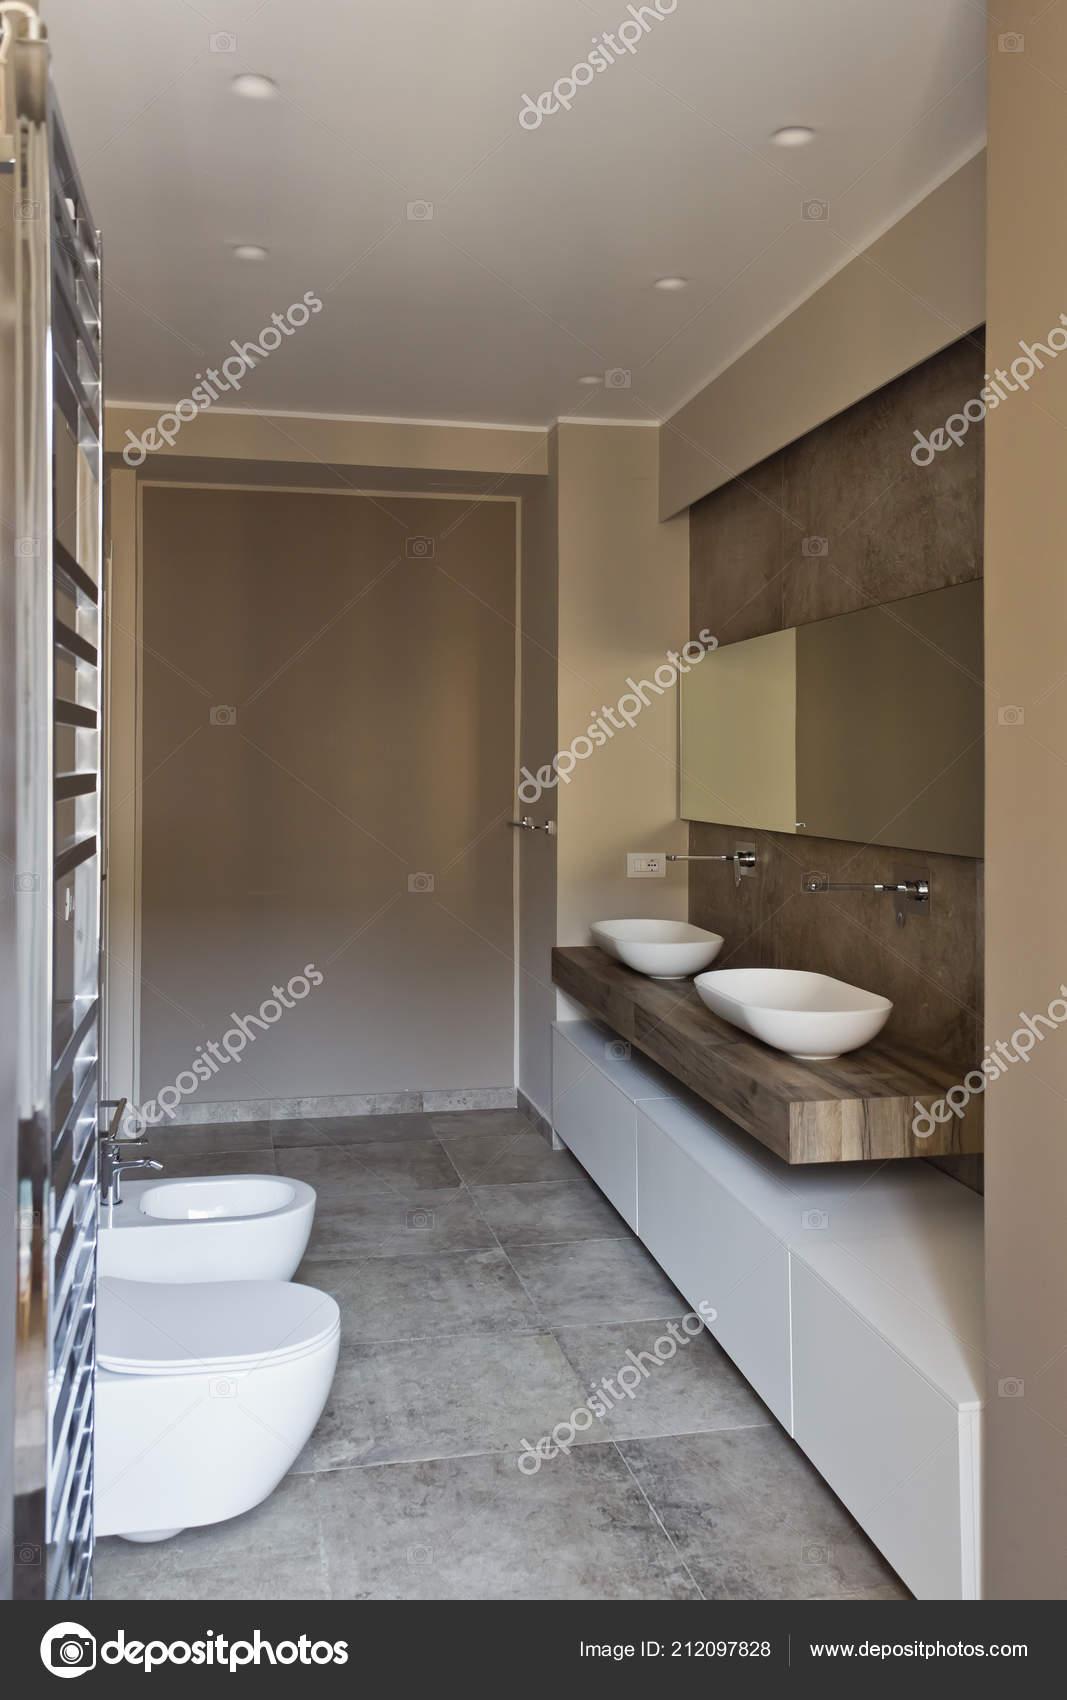 Modernes Bad Mit Doppelwaschbecken Bad Sanitärkeramik Ausgesetzt U2014 Stockfoto